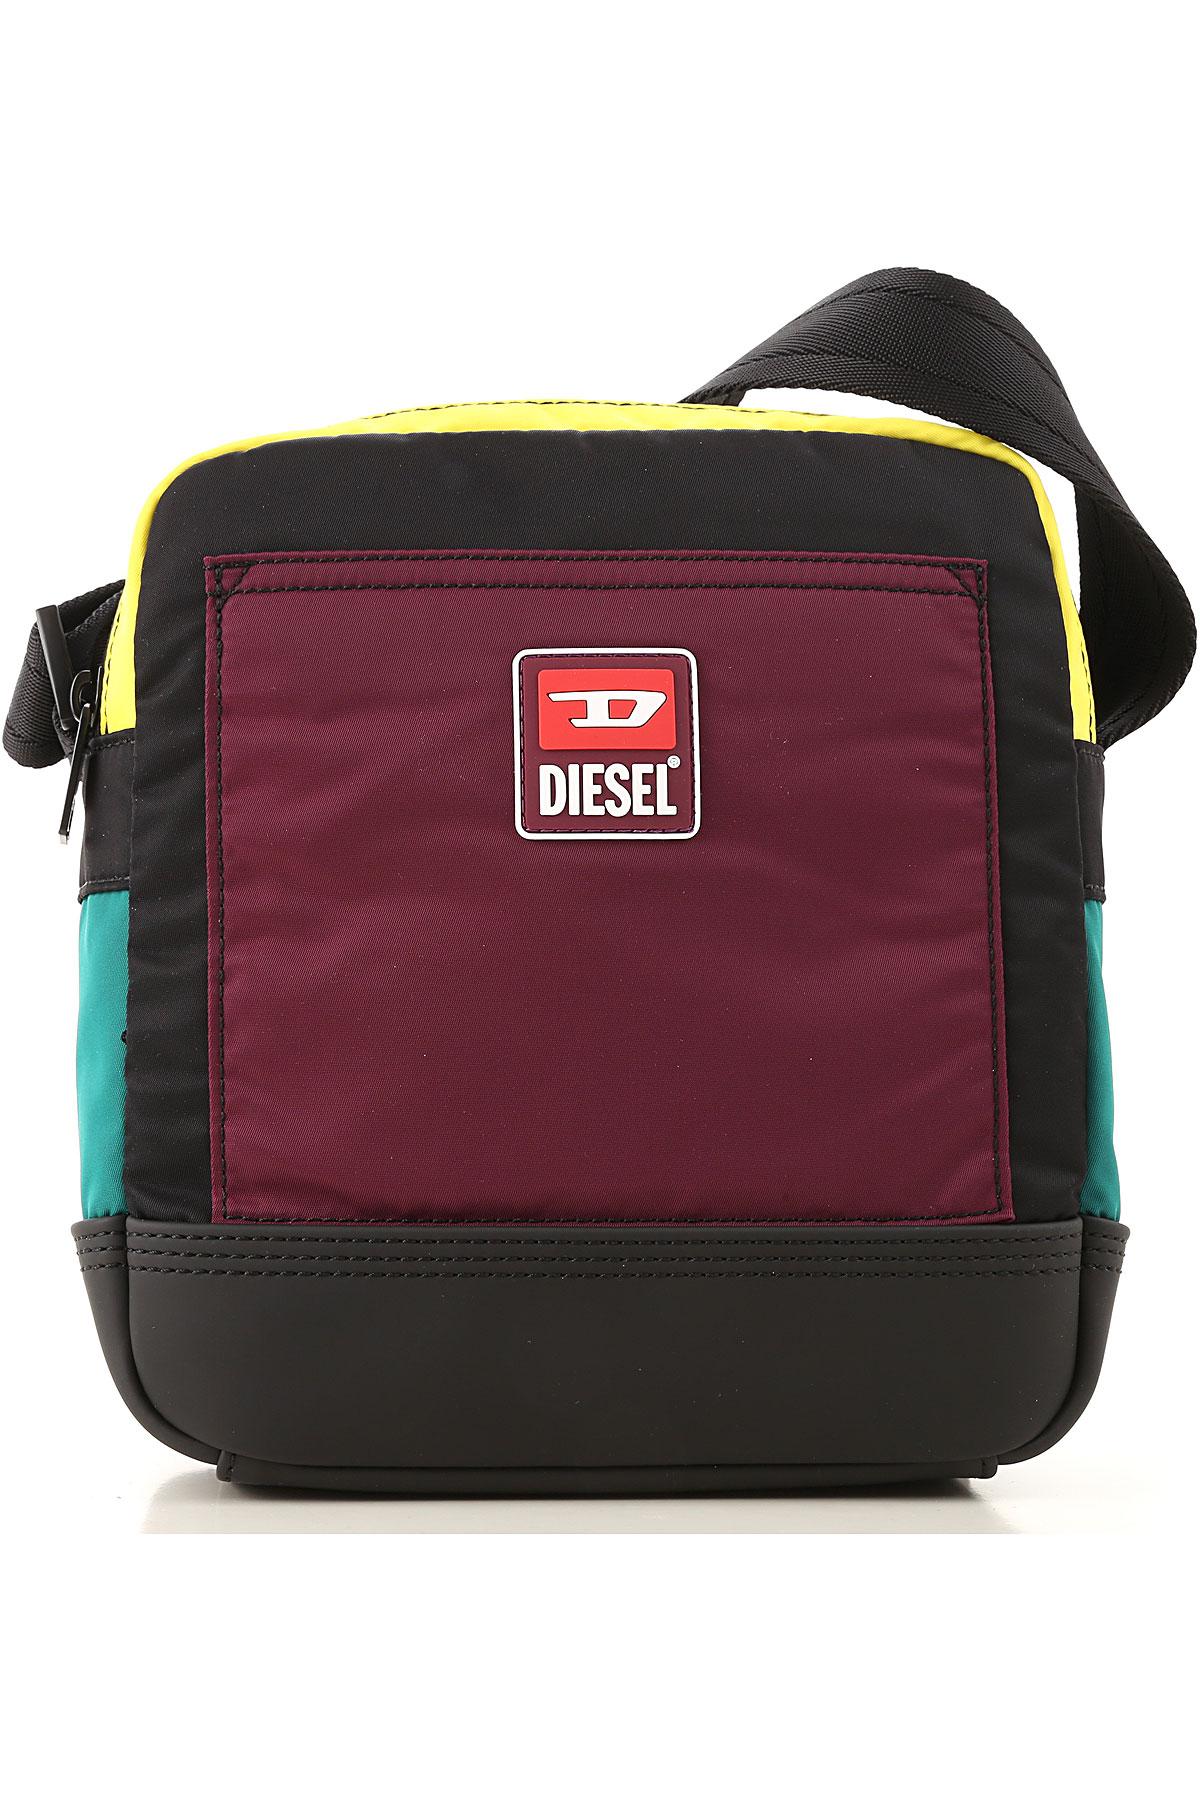 Diesel Messenger Bag for Men On Sale, Black, polyamide, 2019